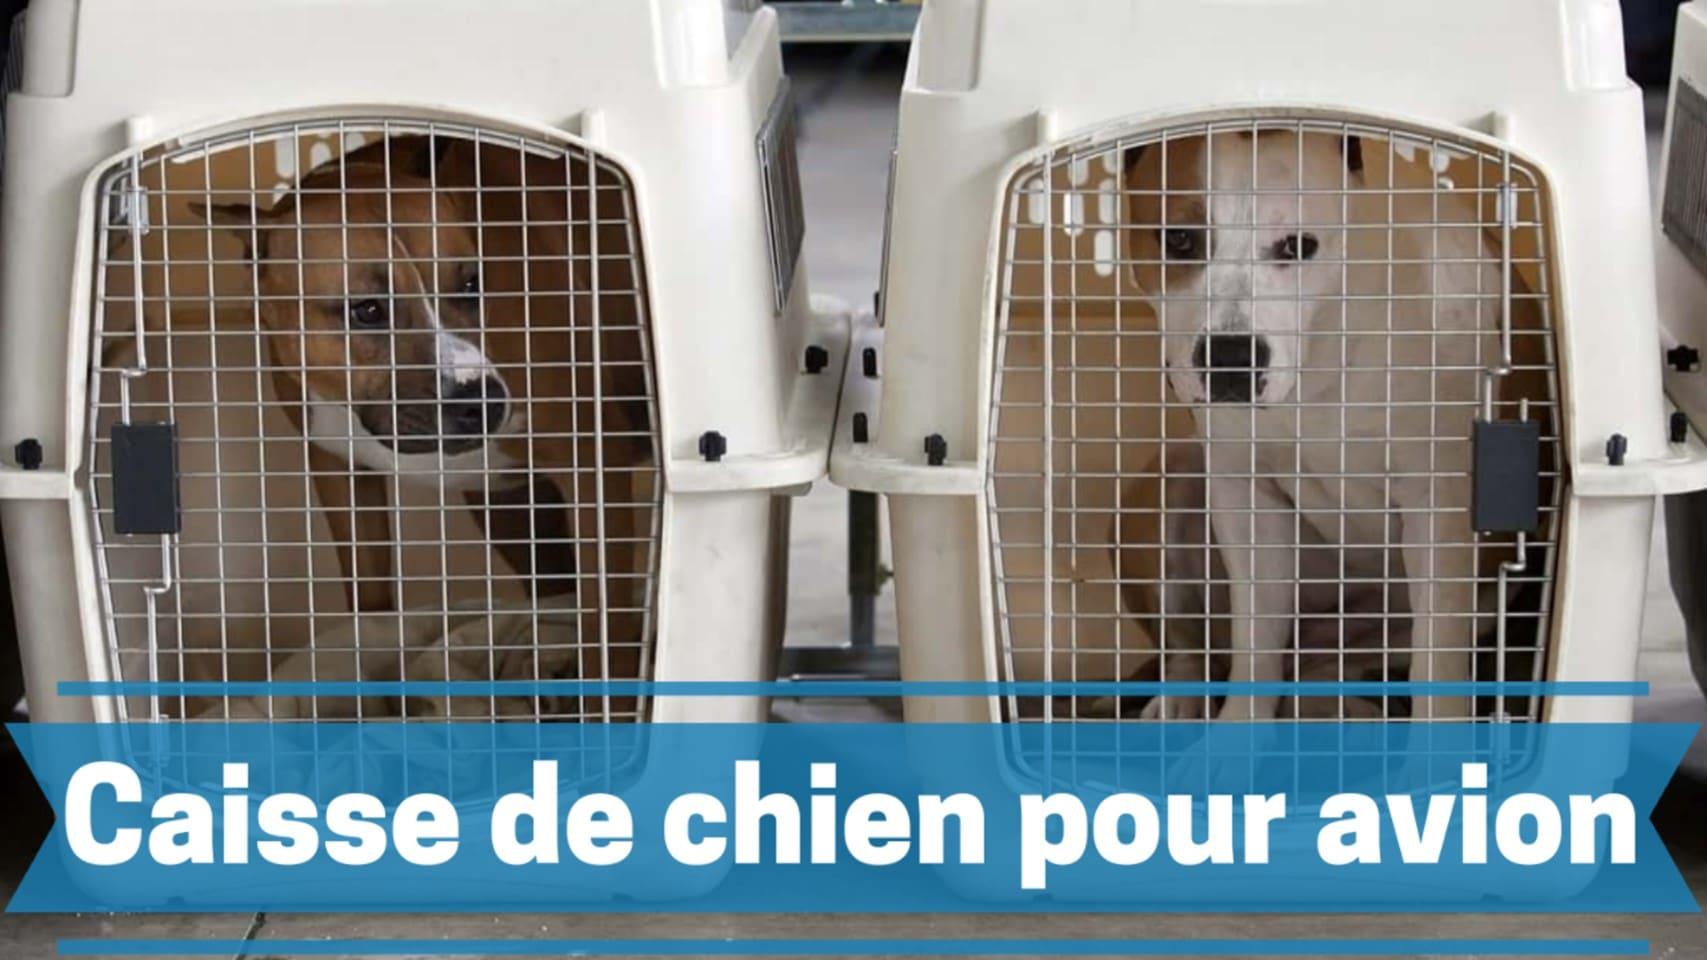 Photo de Les meilleures caisses et cages pour chiens et animaux de compagnie approuvées par les compagnies aériennes en 2020